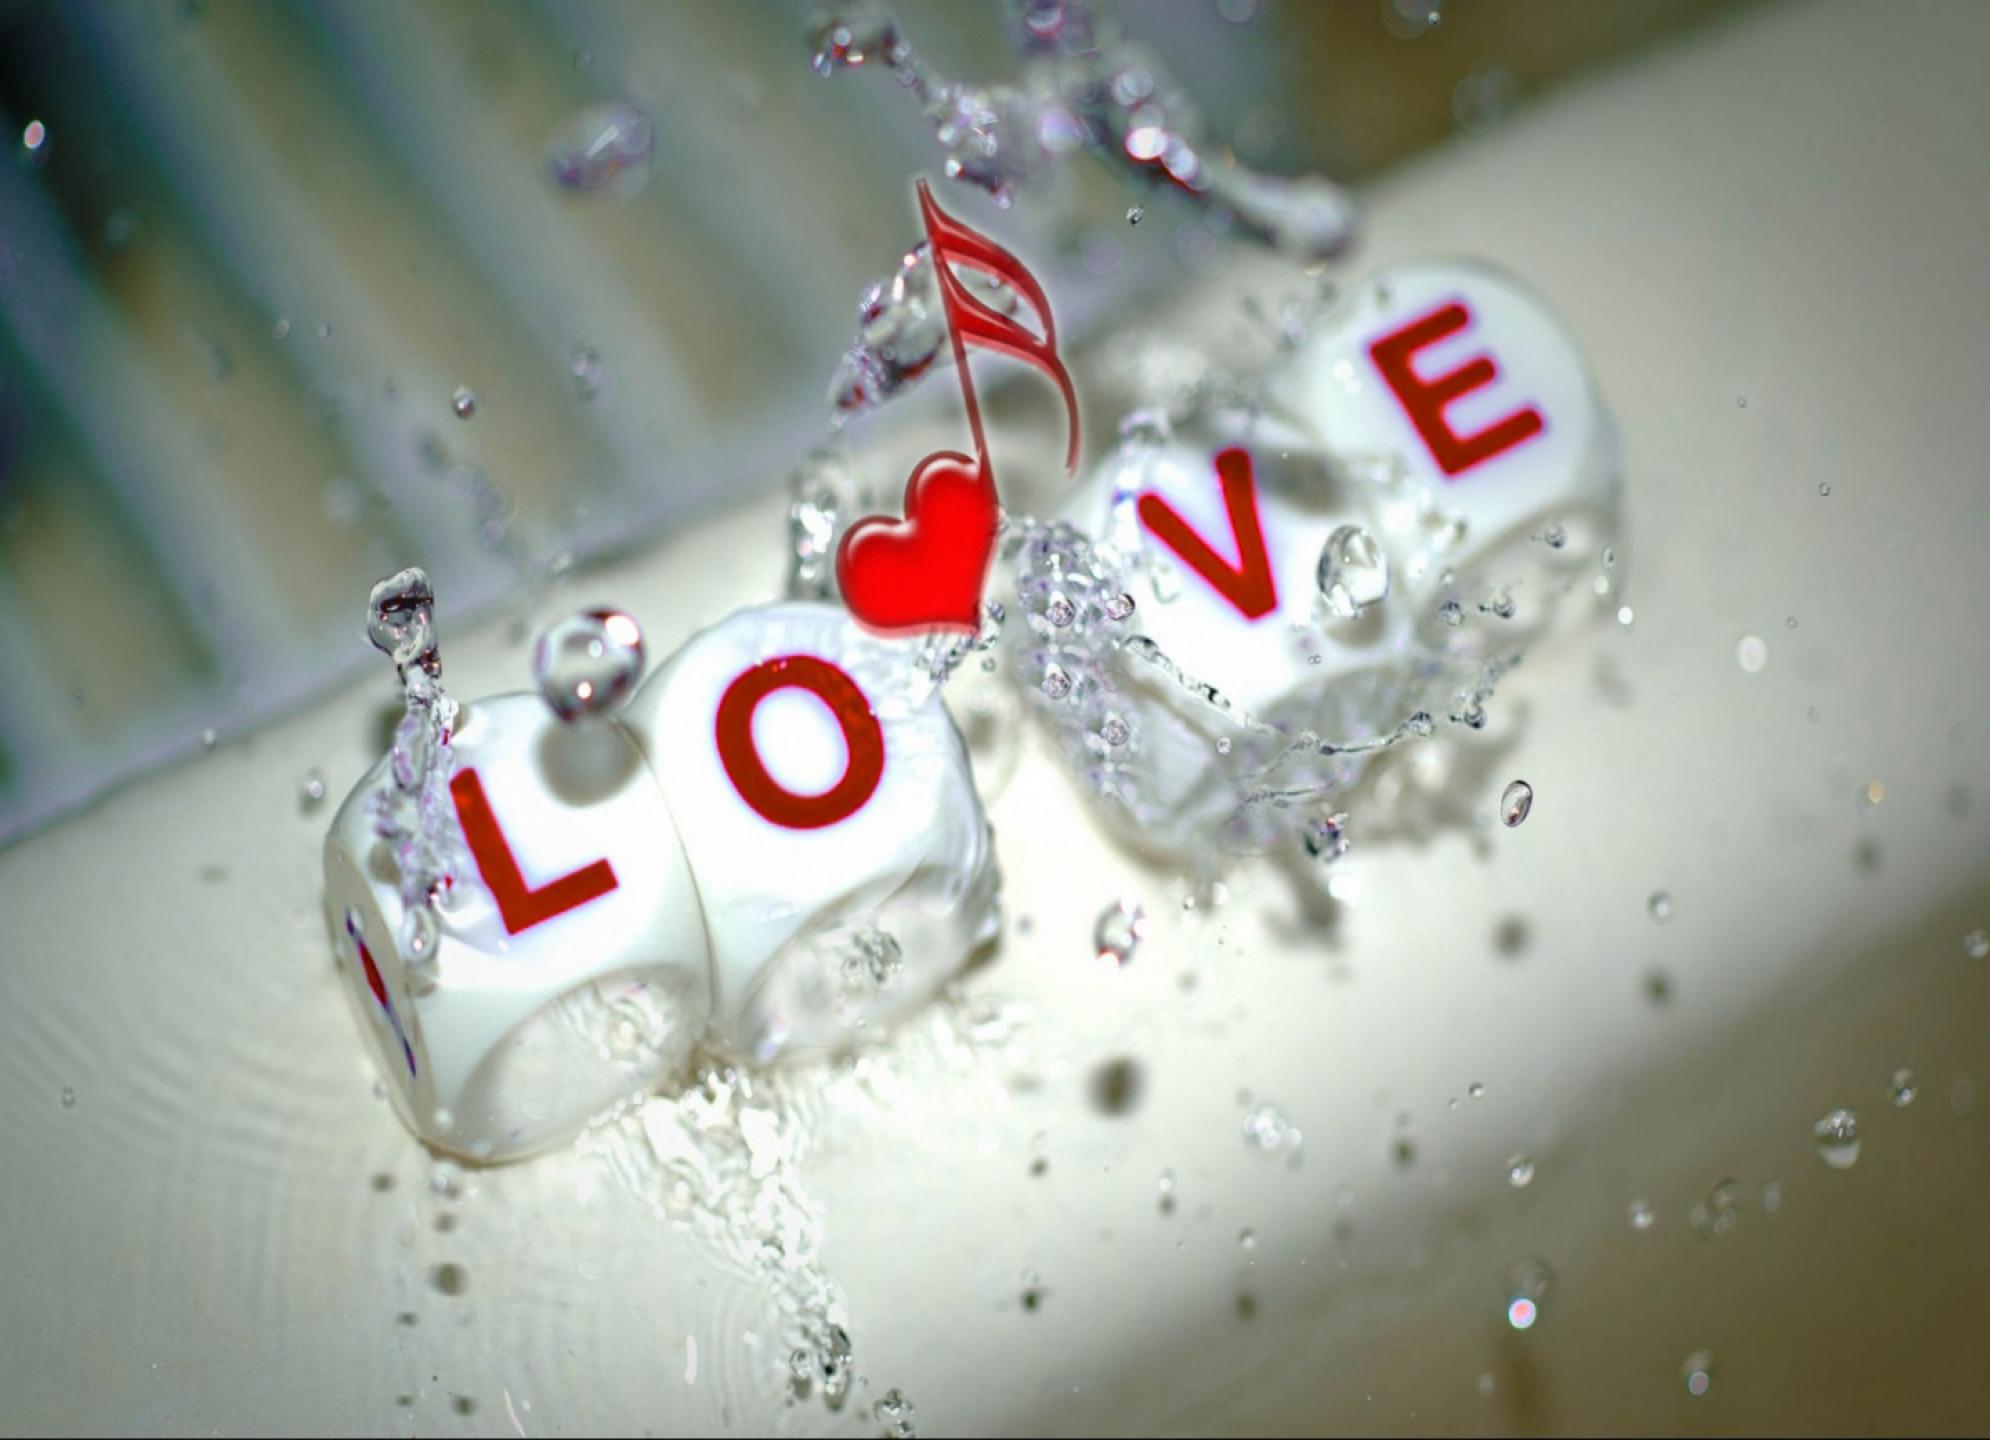 عکس های جديد عاشقانه و رمانتیک